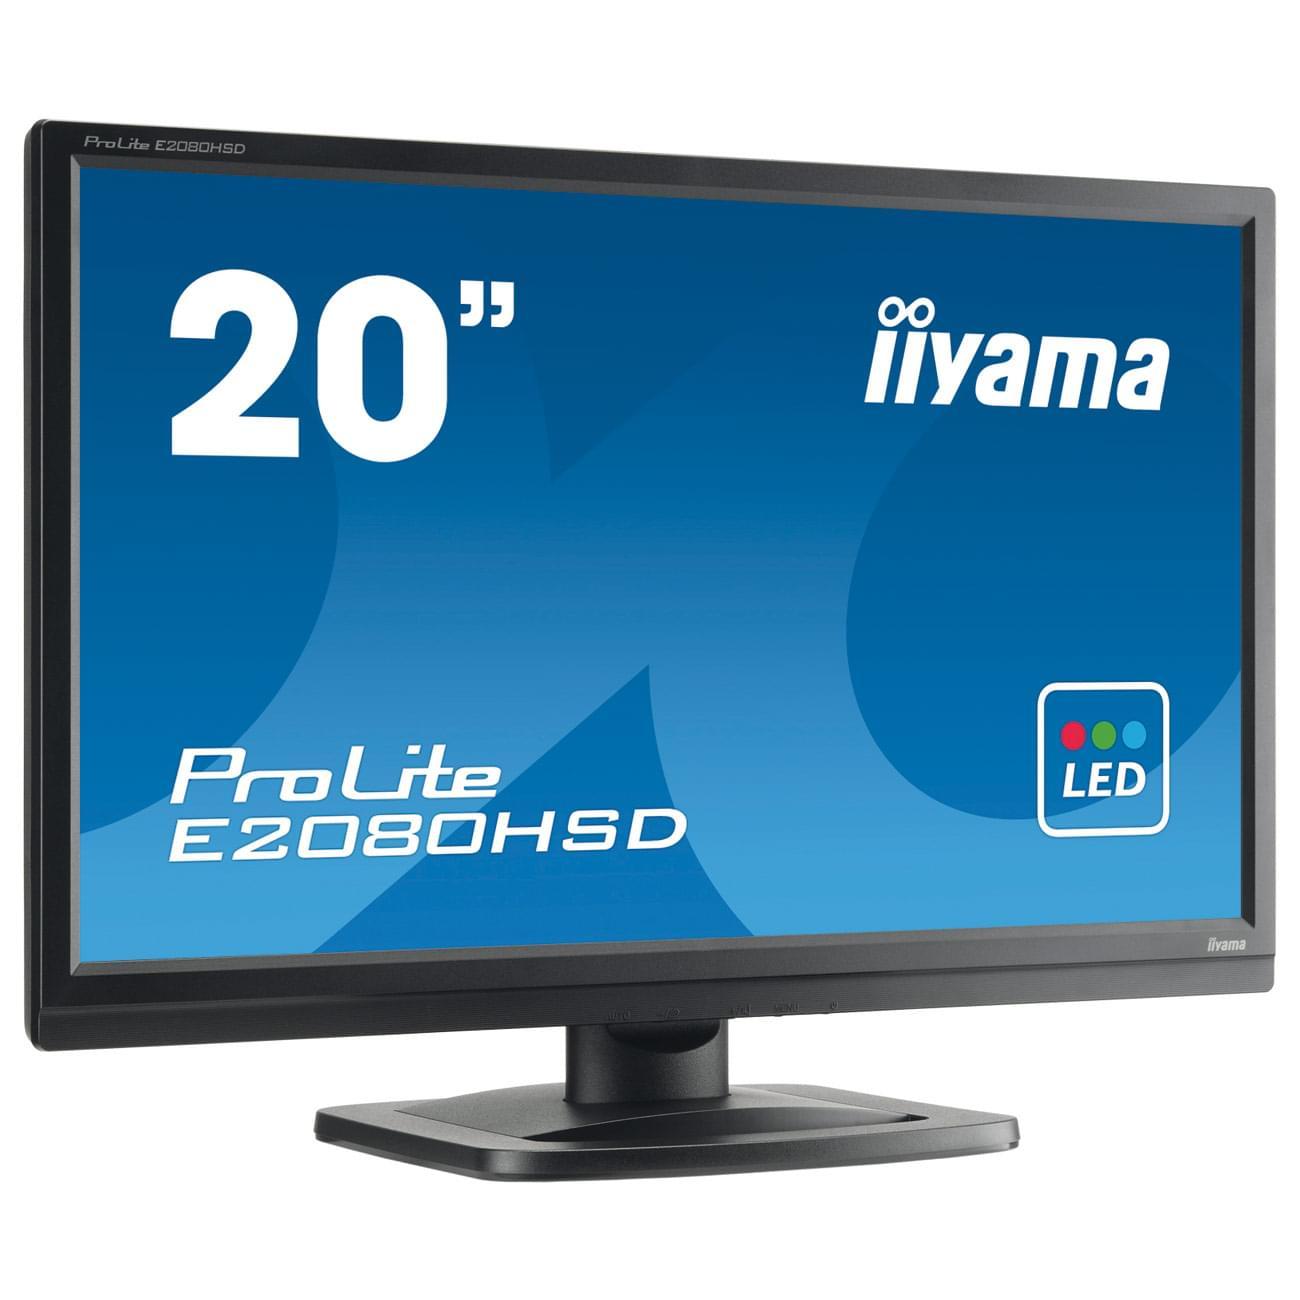 """Iiyama E2080HSD-B1 20"""" LED/5 ms/DVI/NOIR/HP (E2080HSD-B1 SOLDE) - Achat / Vente Ecran PC sur Cybertek.fr - 0"""